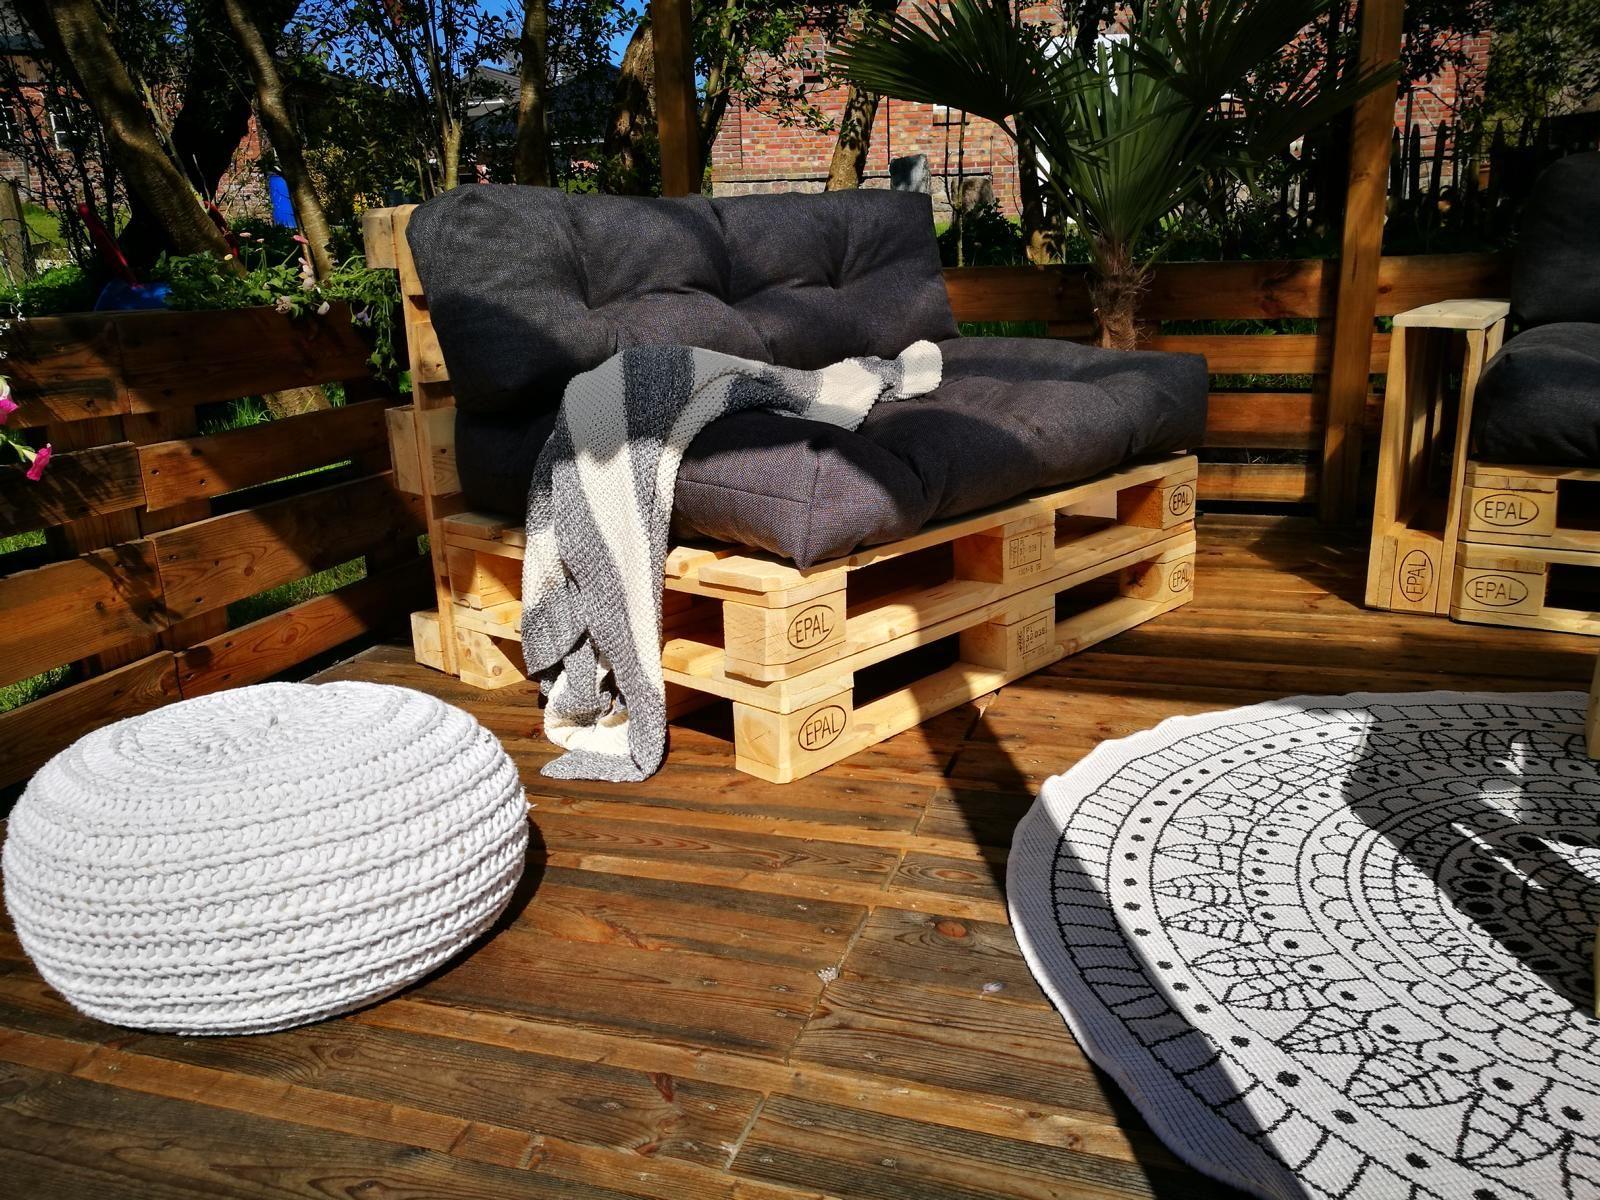 Palettenmöbel für Terrasse können echt stilvoll aussehen